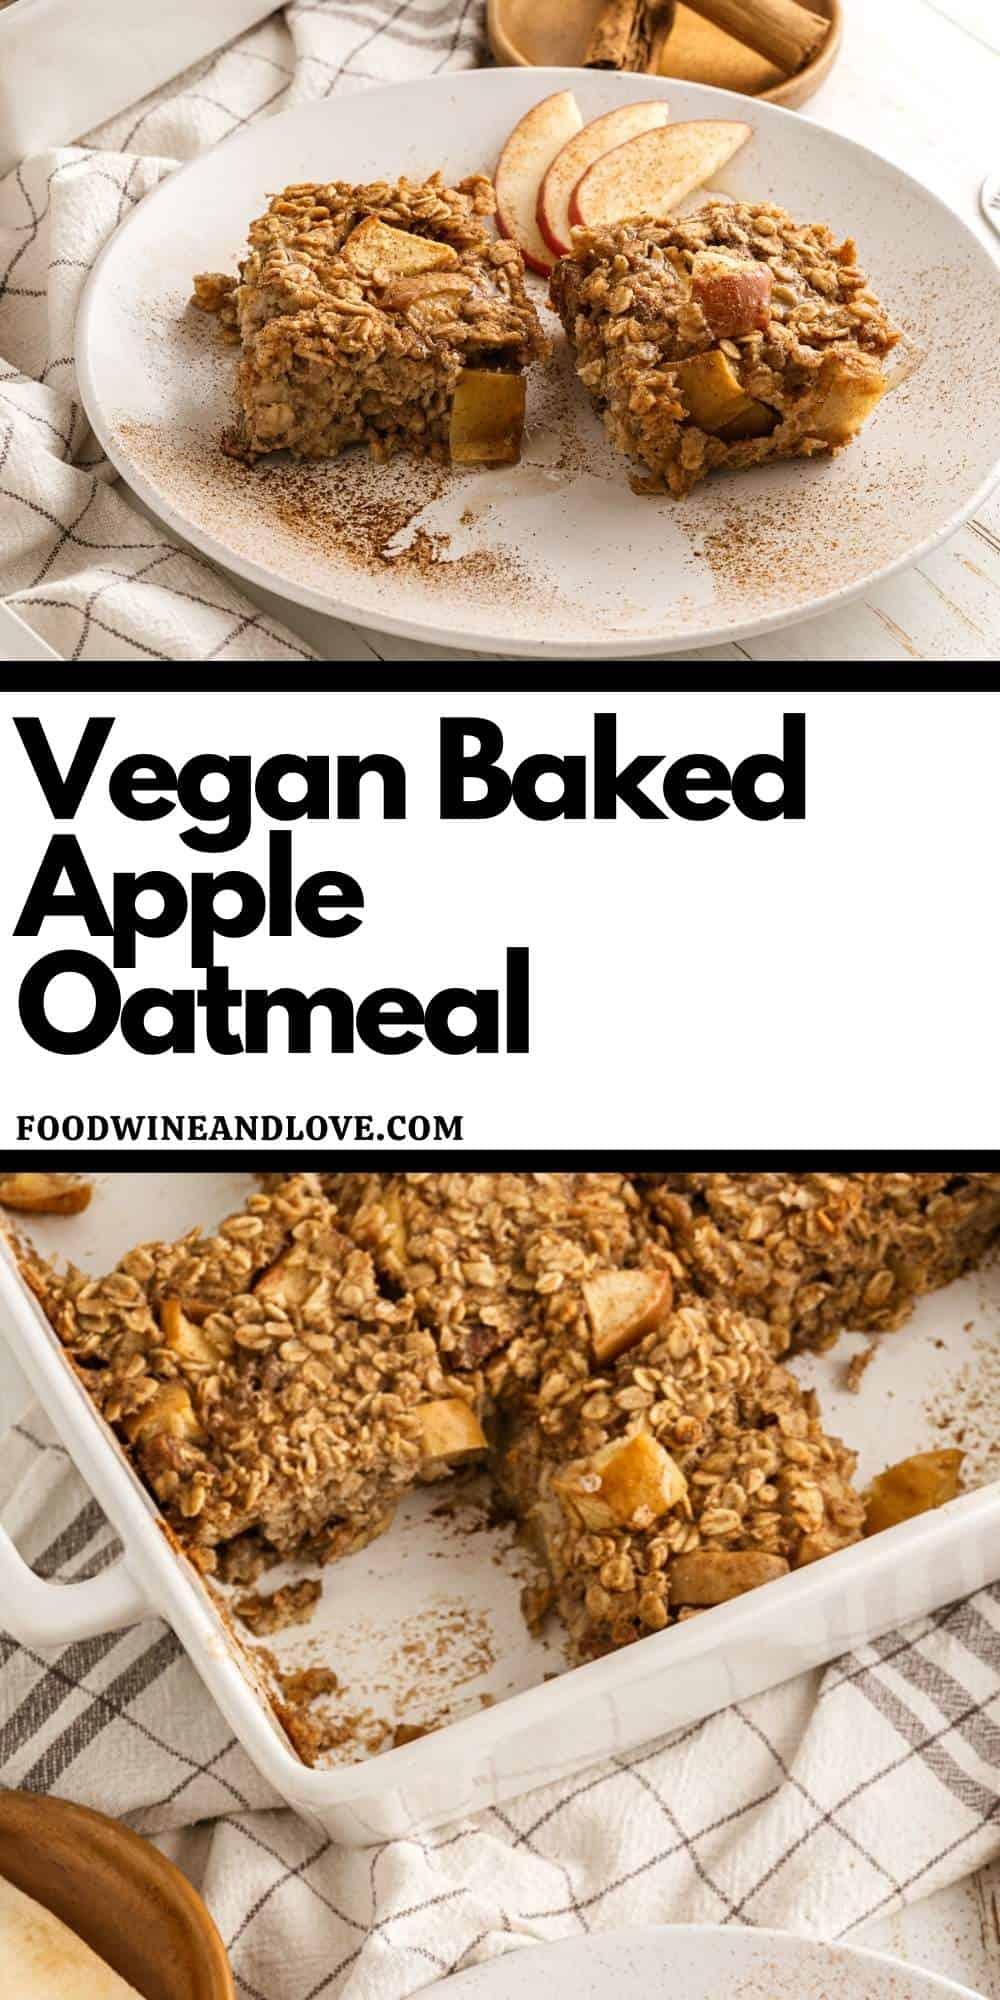 Vegan Baked Apple Oatmeal